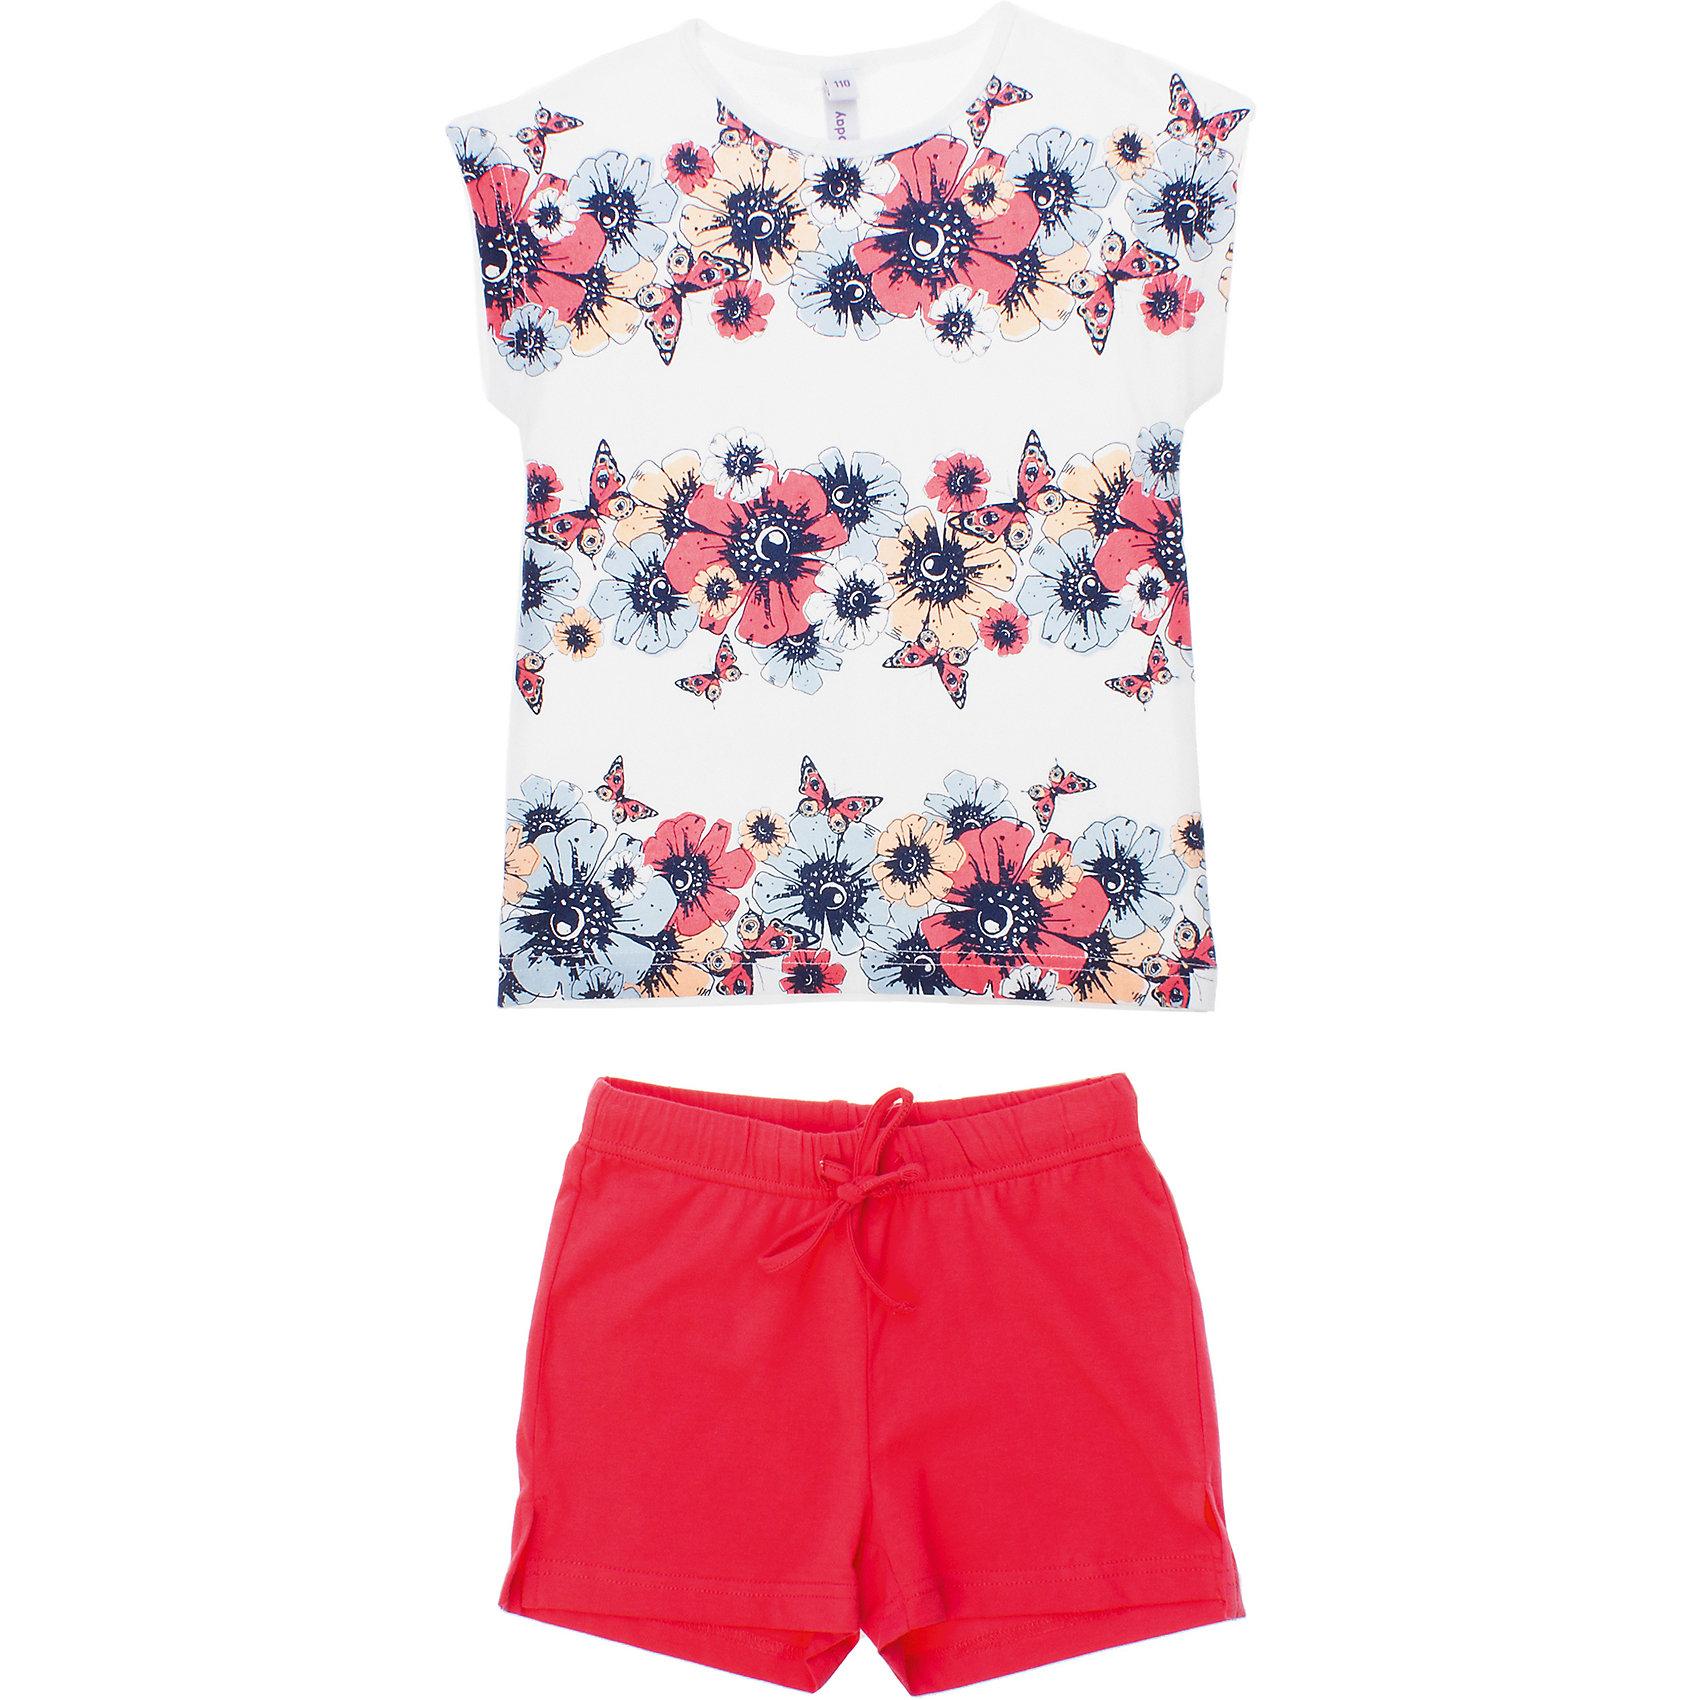 Комплект: футболка и шорты для девочки PlayTodayКомплекты<br>Комплект: футболка и шорты для девочки PlayToday <br><br>Состав: 95% хлопок, 5% эластан <br><br>Футболка:<br>Стильная конструкция со спущенным плечом <br>Украшена водным принтом с цветочками<br>Шорты:<br>Пояс на резинке<br>Регулирующий шнурок<br>Персиковый цвет<br><br>Ширина мм: 199<br>Глубина мм: 10<br>Высота мм: 161<br>Вес г: 151<br>Цвет: розовый<br>Возраст от месяцев: 72<br>Возраст до месяцев: 84<br>Пол: Женский<br>Возраст: Детский<br>Размер: 116,98,128,110,122,104<br>SKU: 4502147